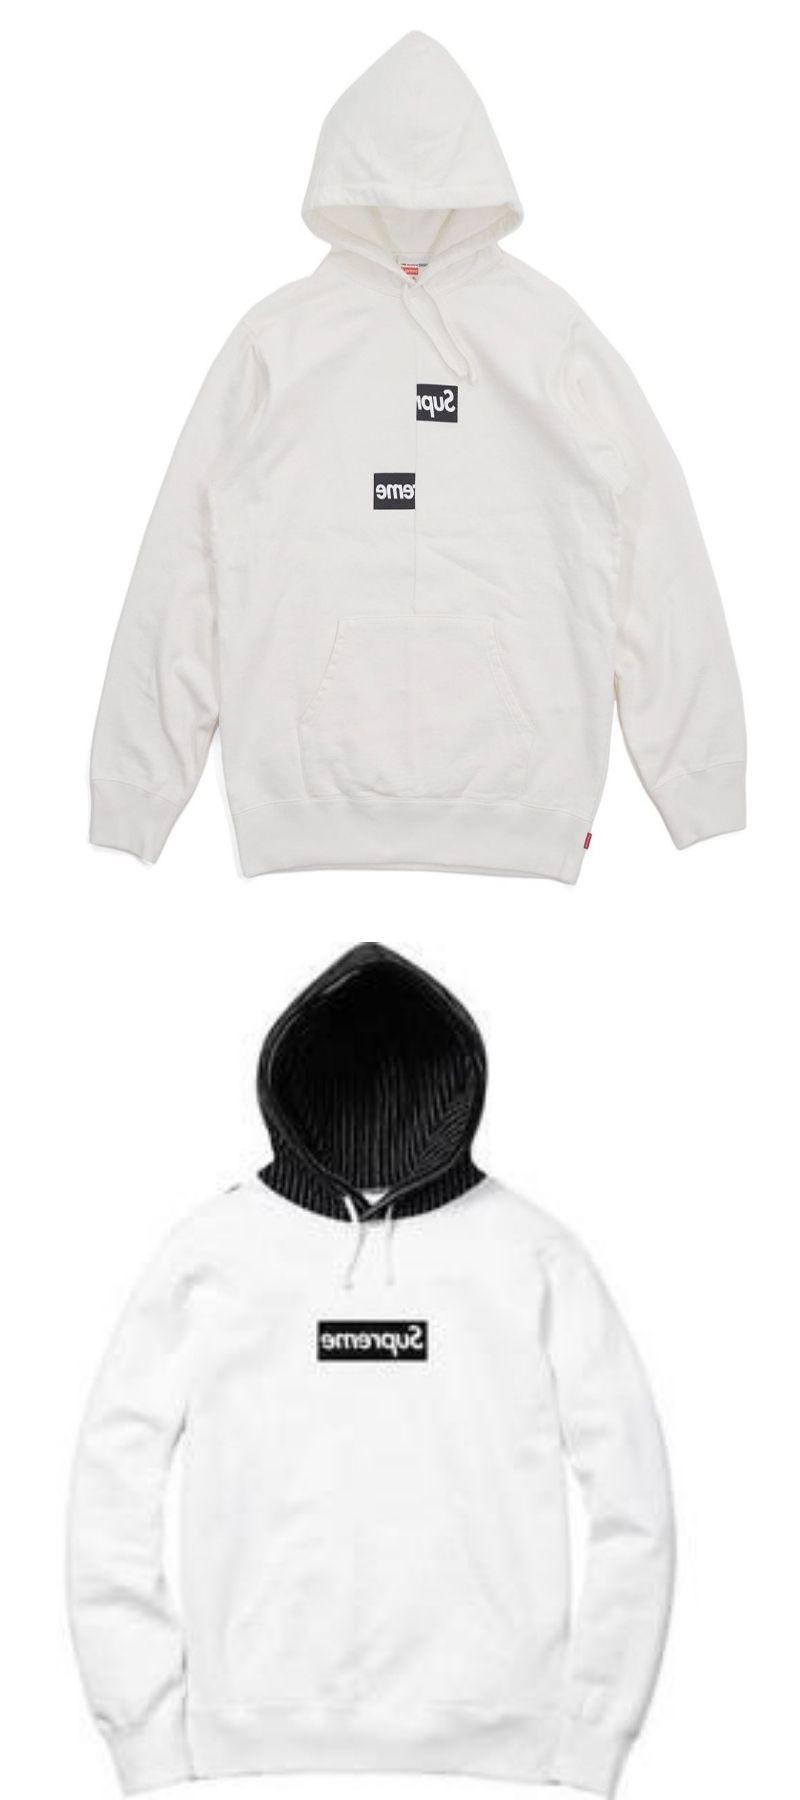 d418121f Supreme Comme Des Garcons Shirt 14Ss Pul R Hoodie Sb01620171Bb10 Supreme  comme des garcons shirt, supreme comme des garcons box logo, supreme comme  des ...